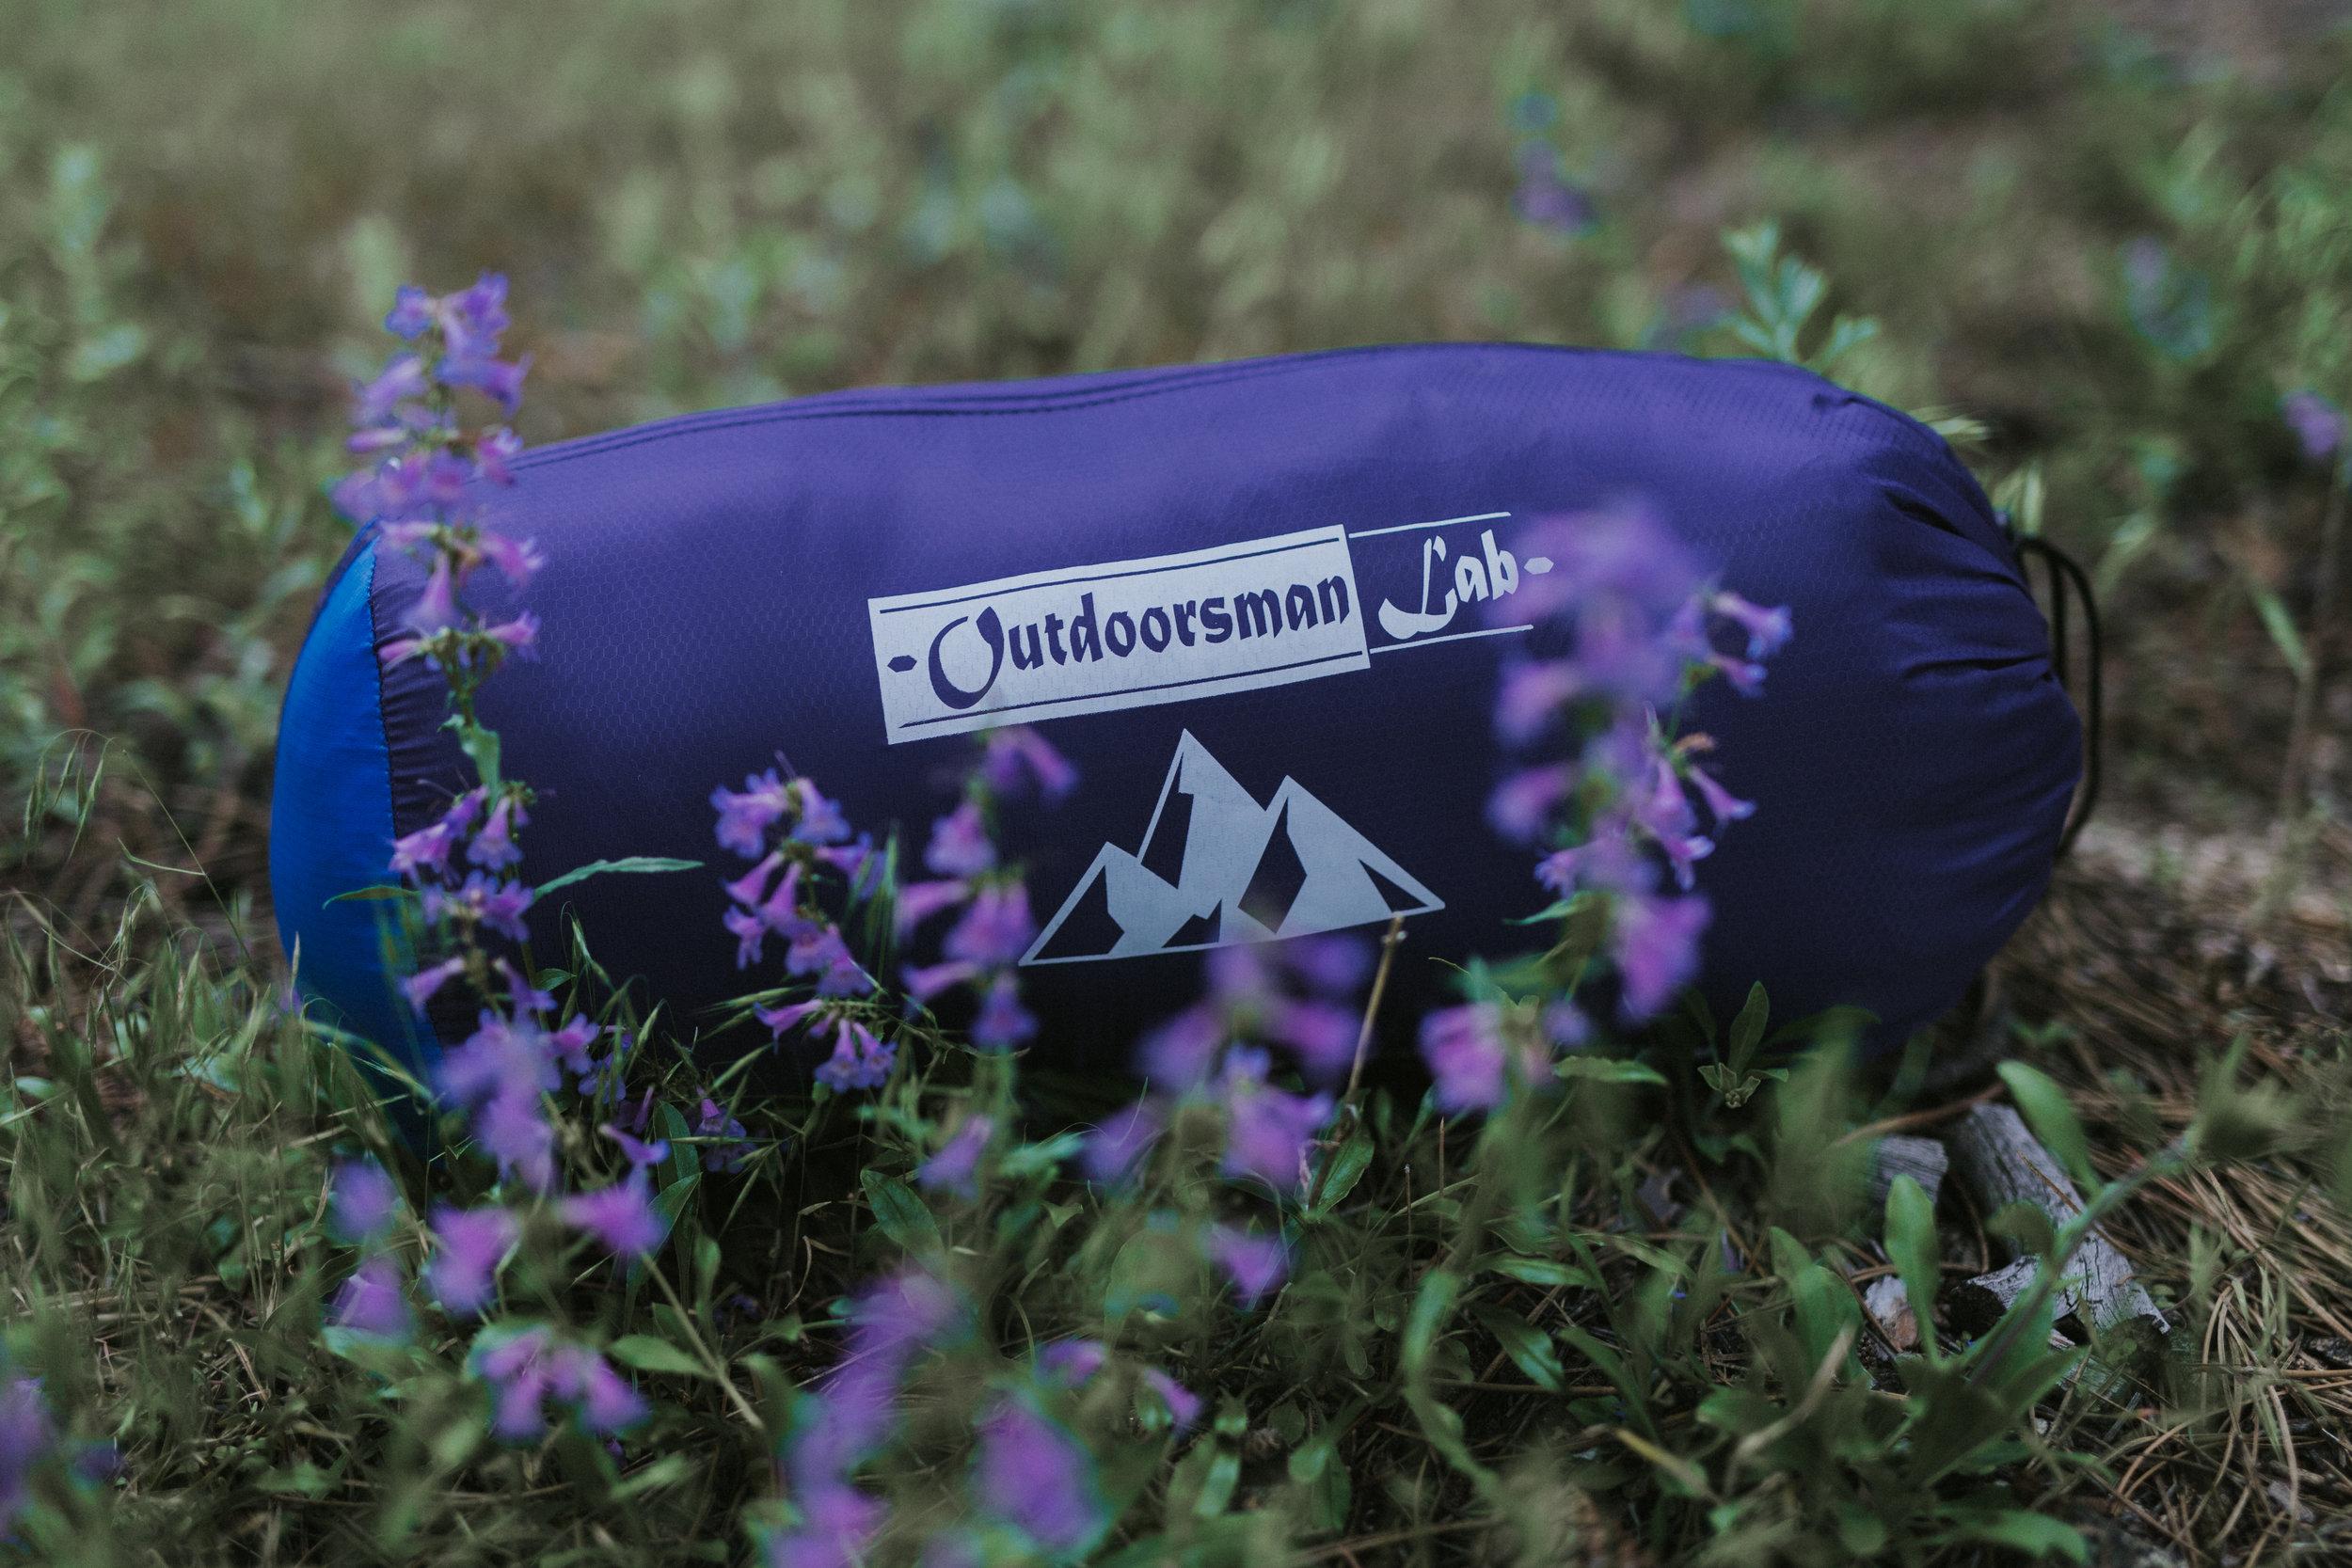 XL Light Blue Bag outdoor-6.jpg